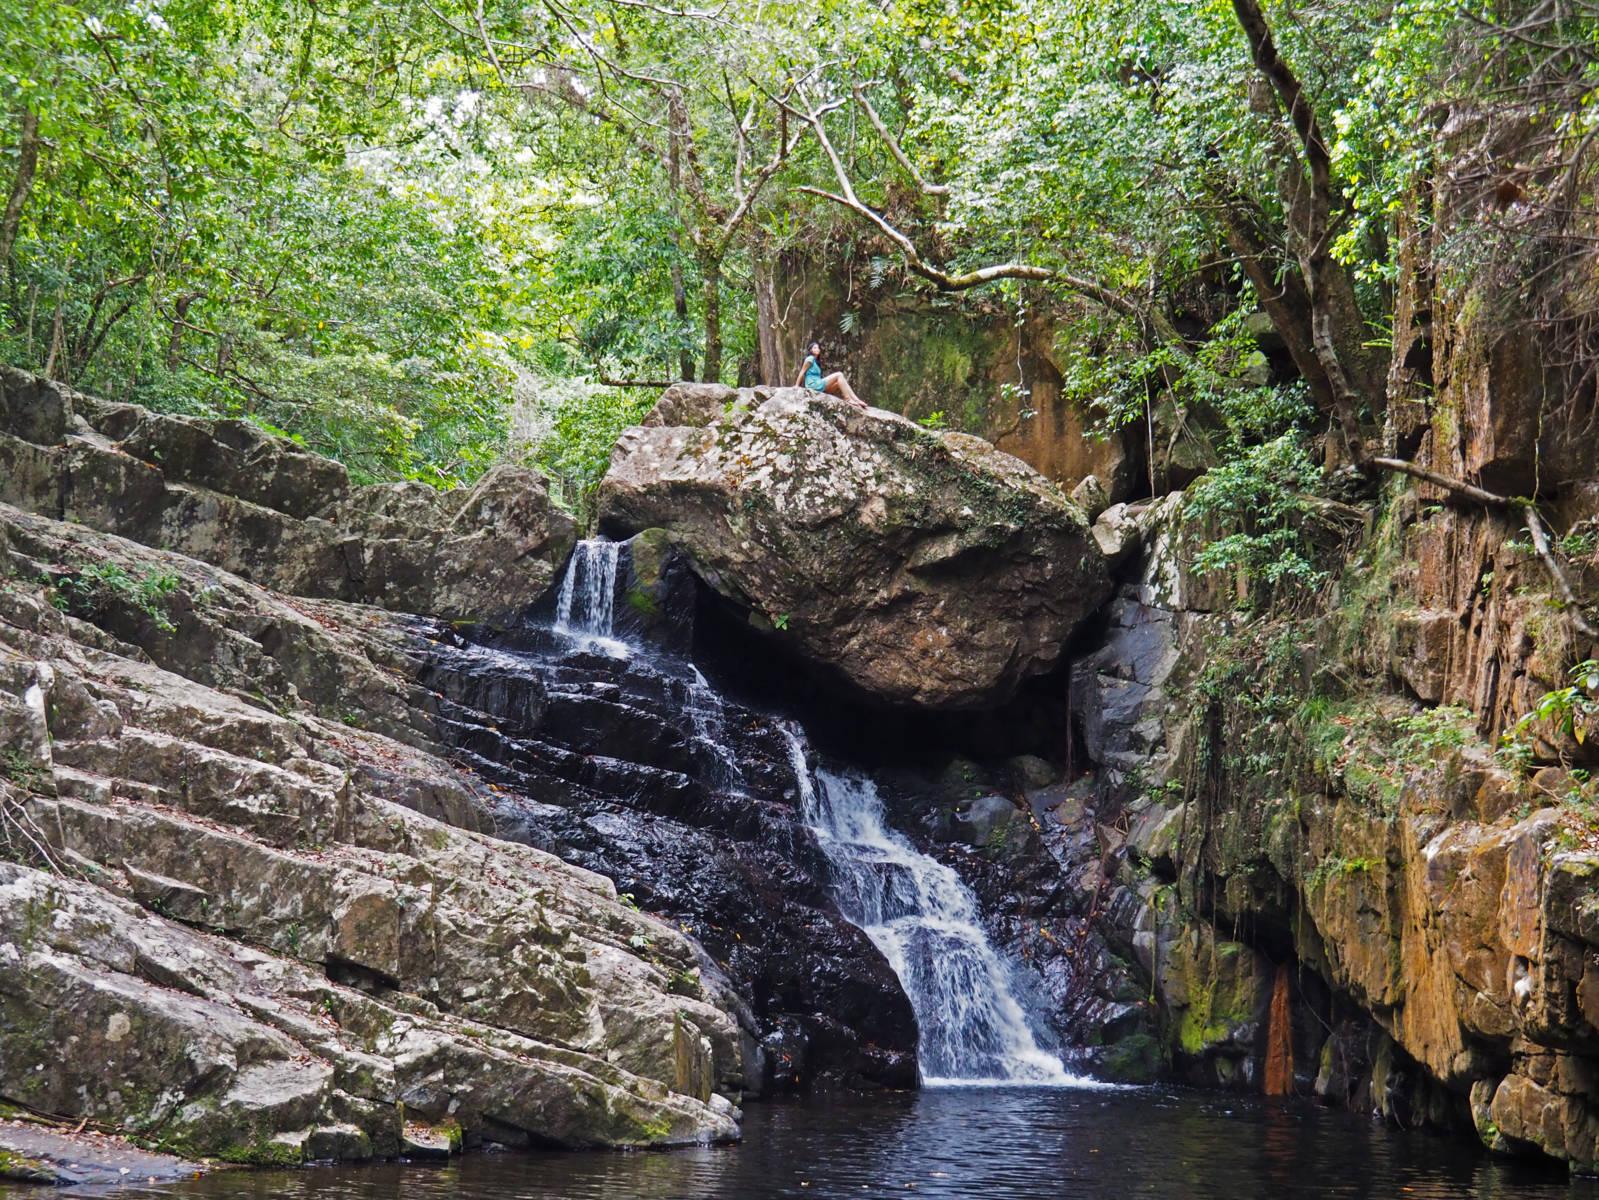 Stoney creek casacade